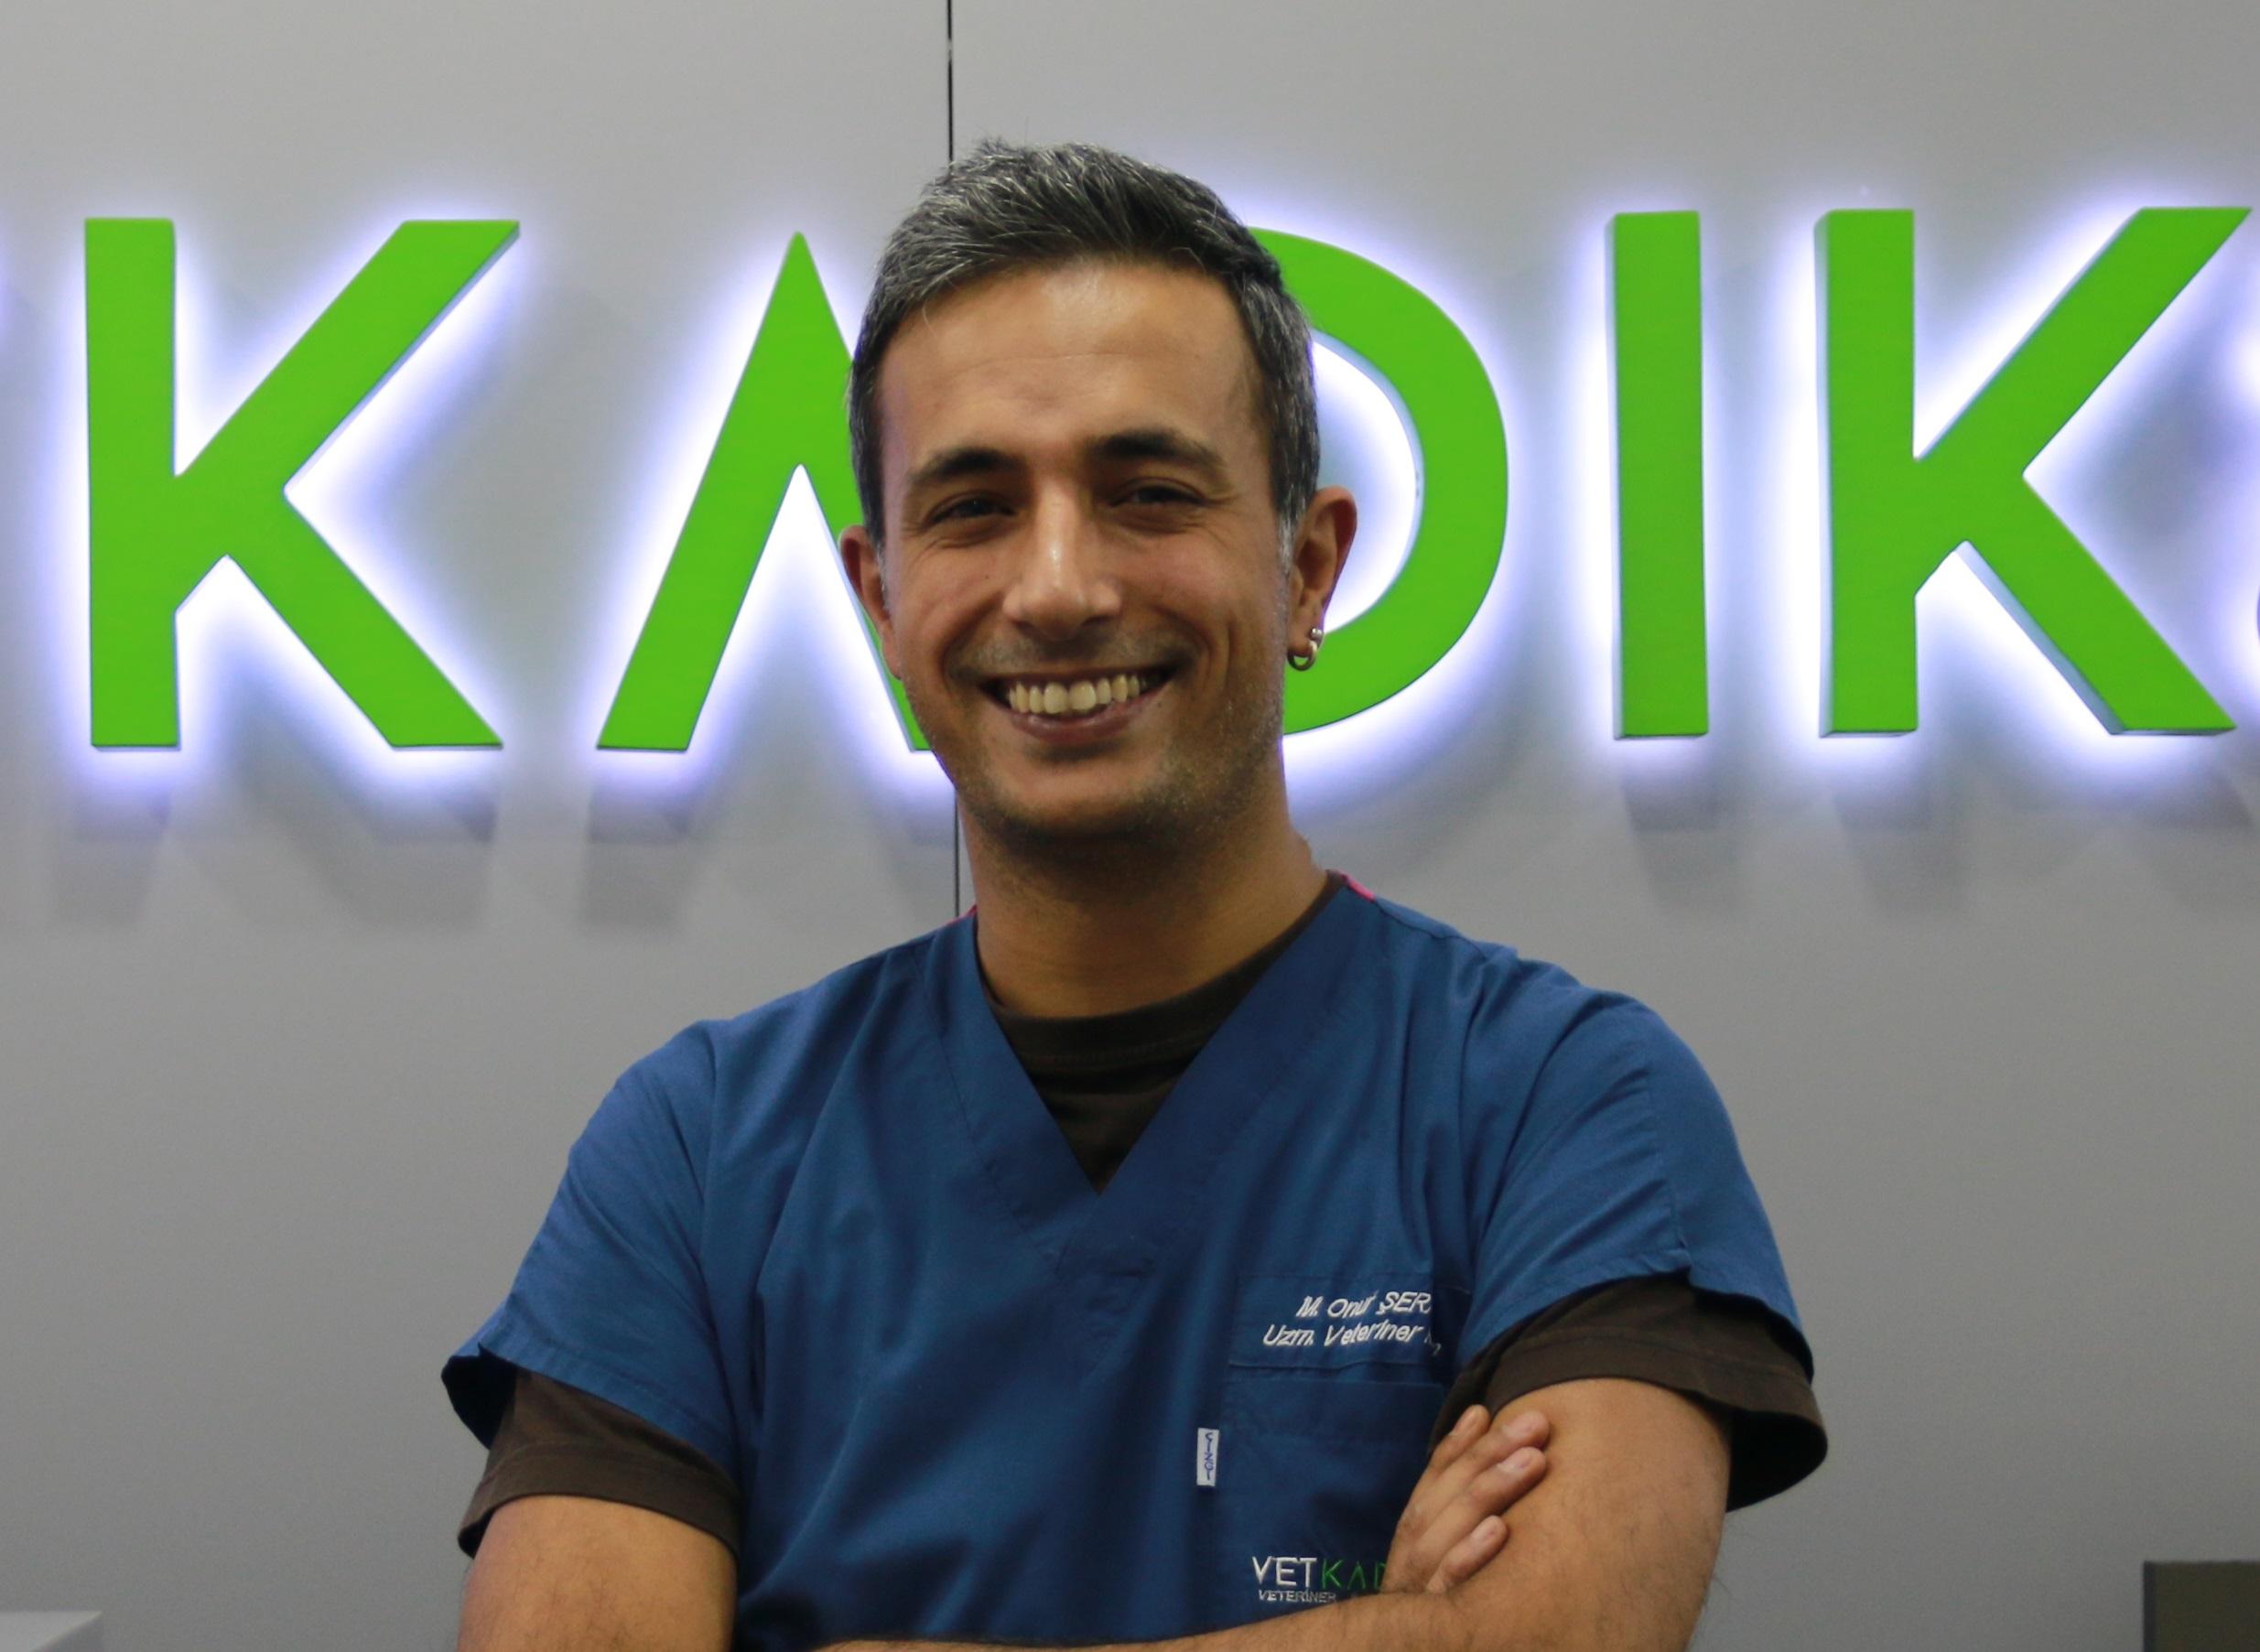 Uzm.Dr. M. Onur ŞERAN